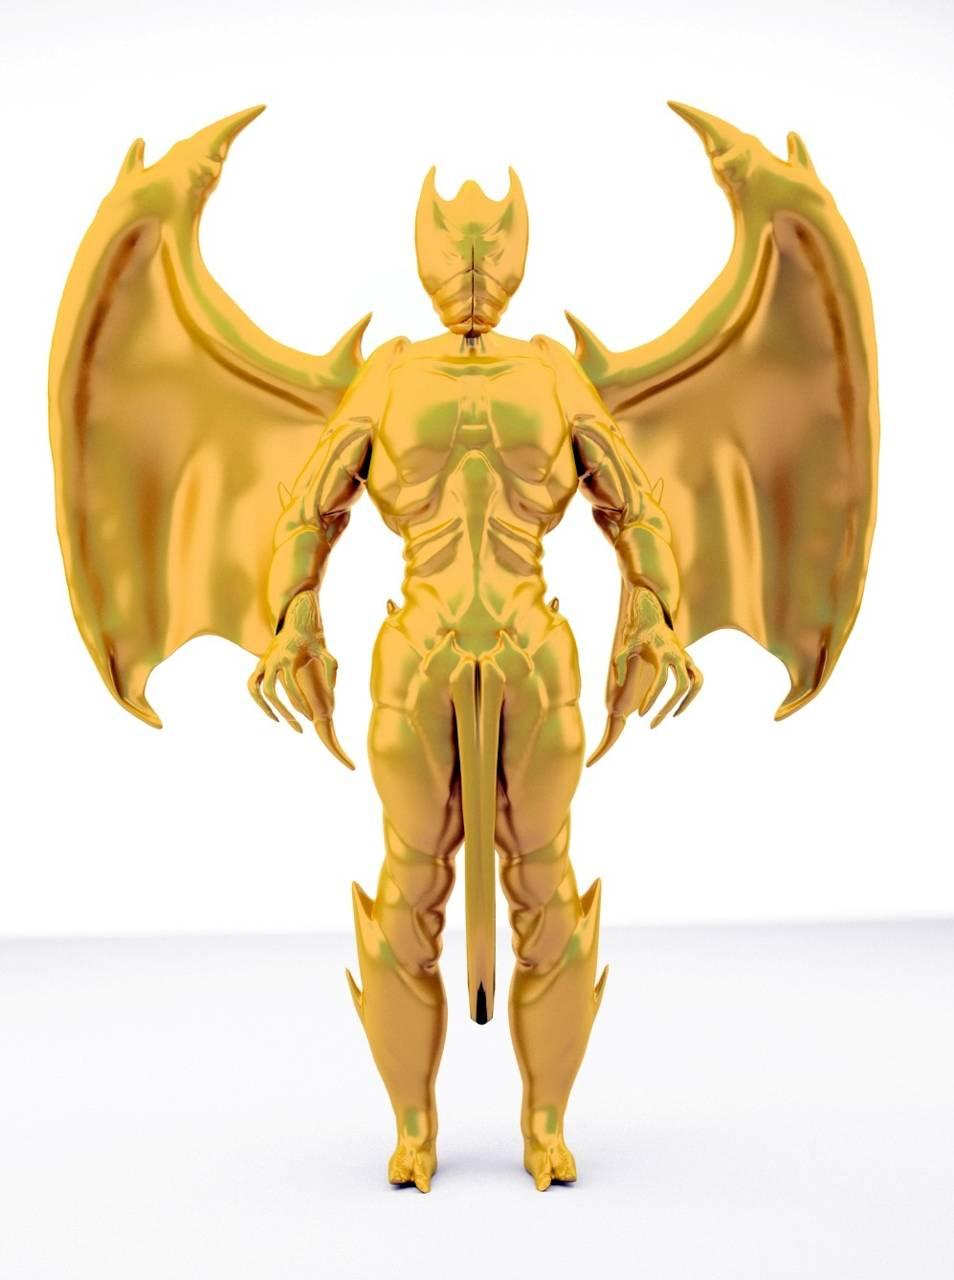 Monster gold